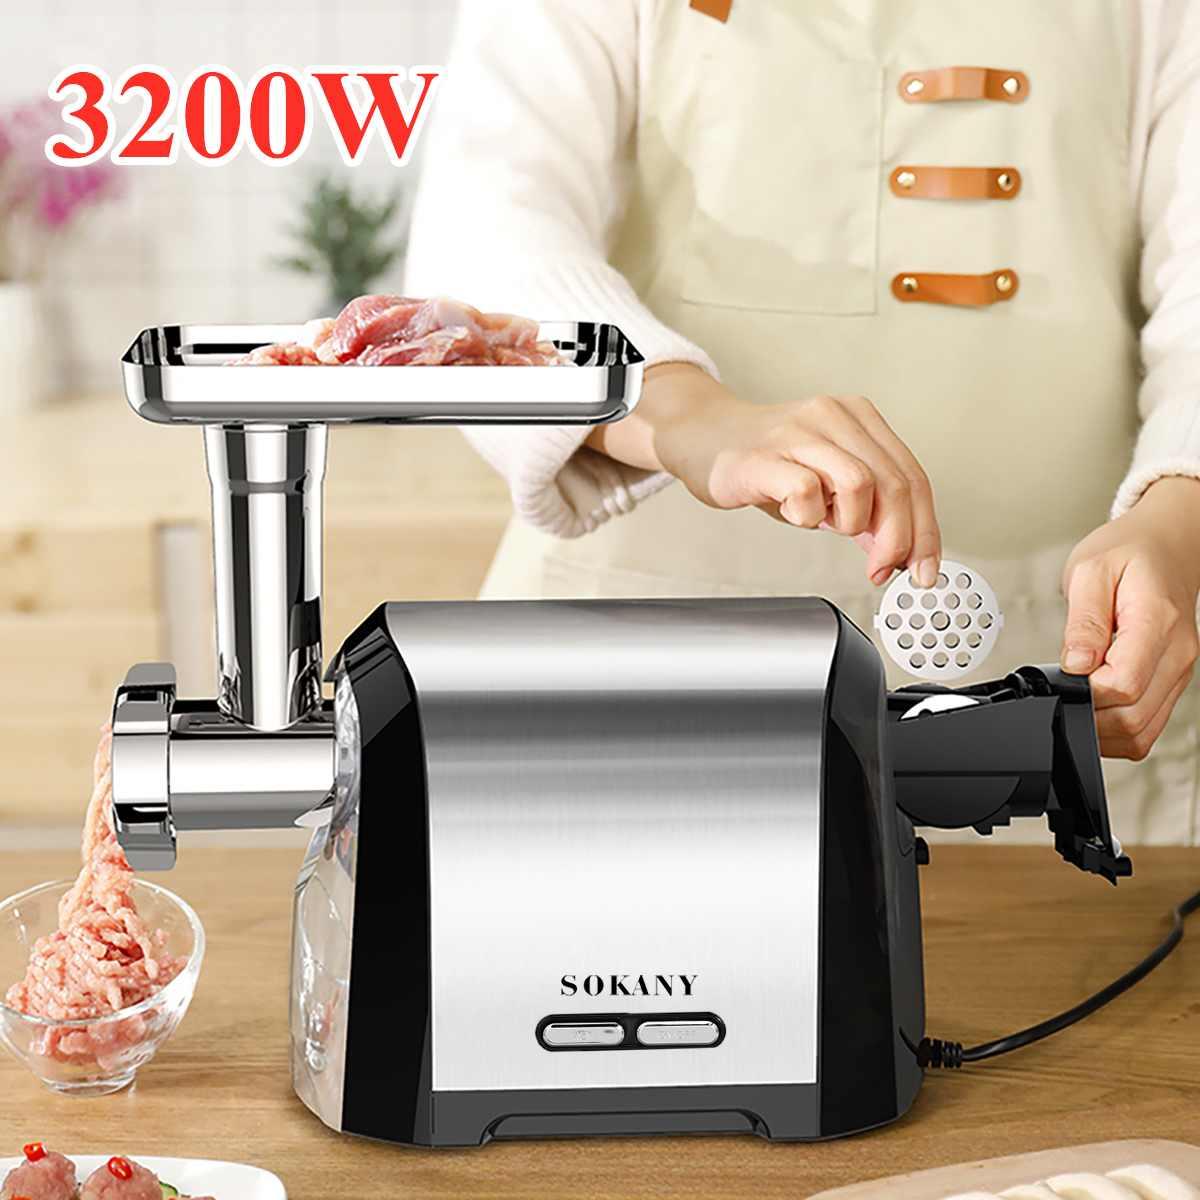 Электрическая мясорубка, мощная электрическая мясорубка из нержавеющей стали, 3200 Вт, колбасный шприц, мясорубка, домашний кухонный комбайн